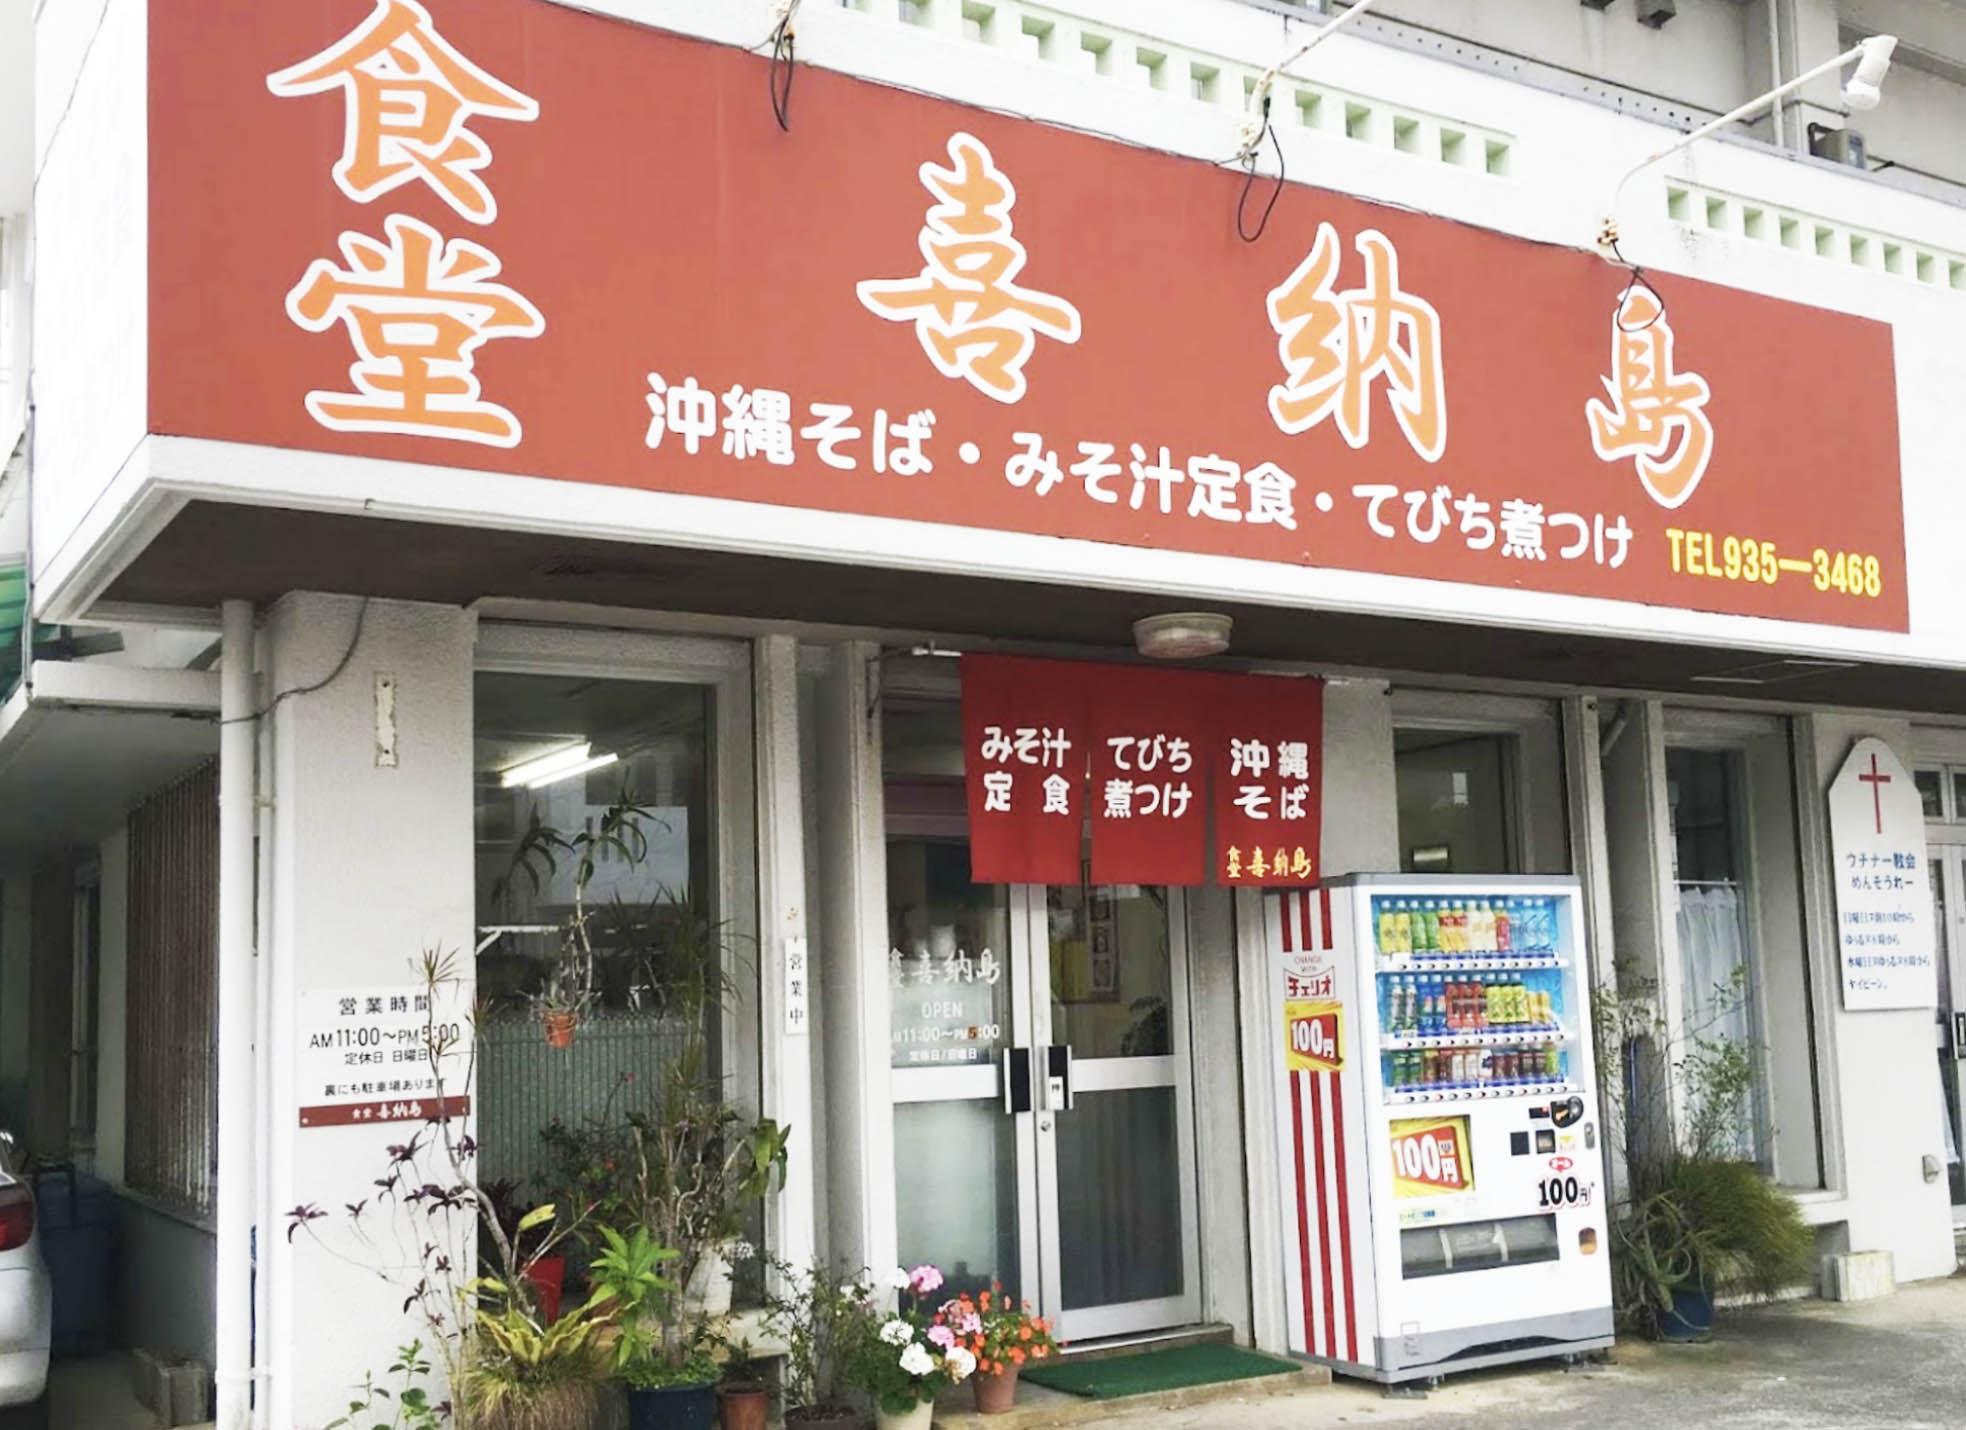 仲順の「食堂 喜納島」